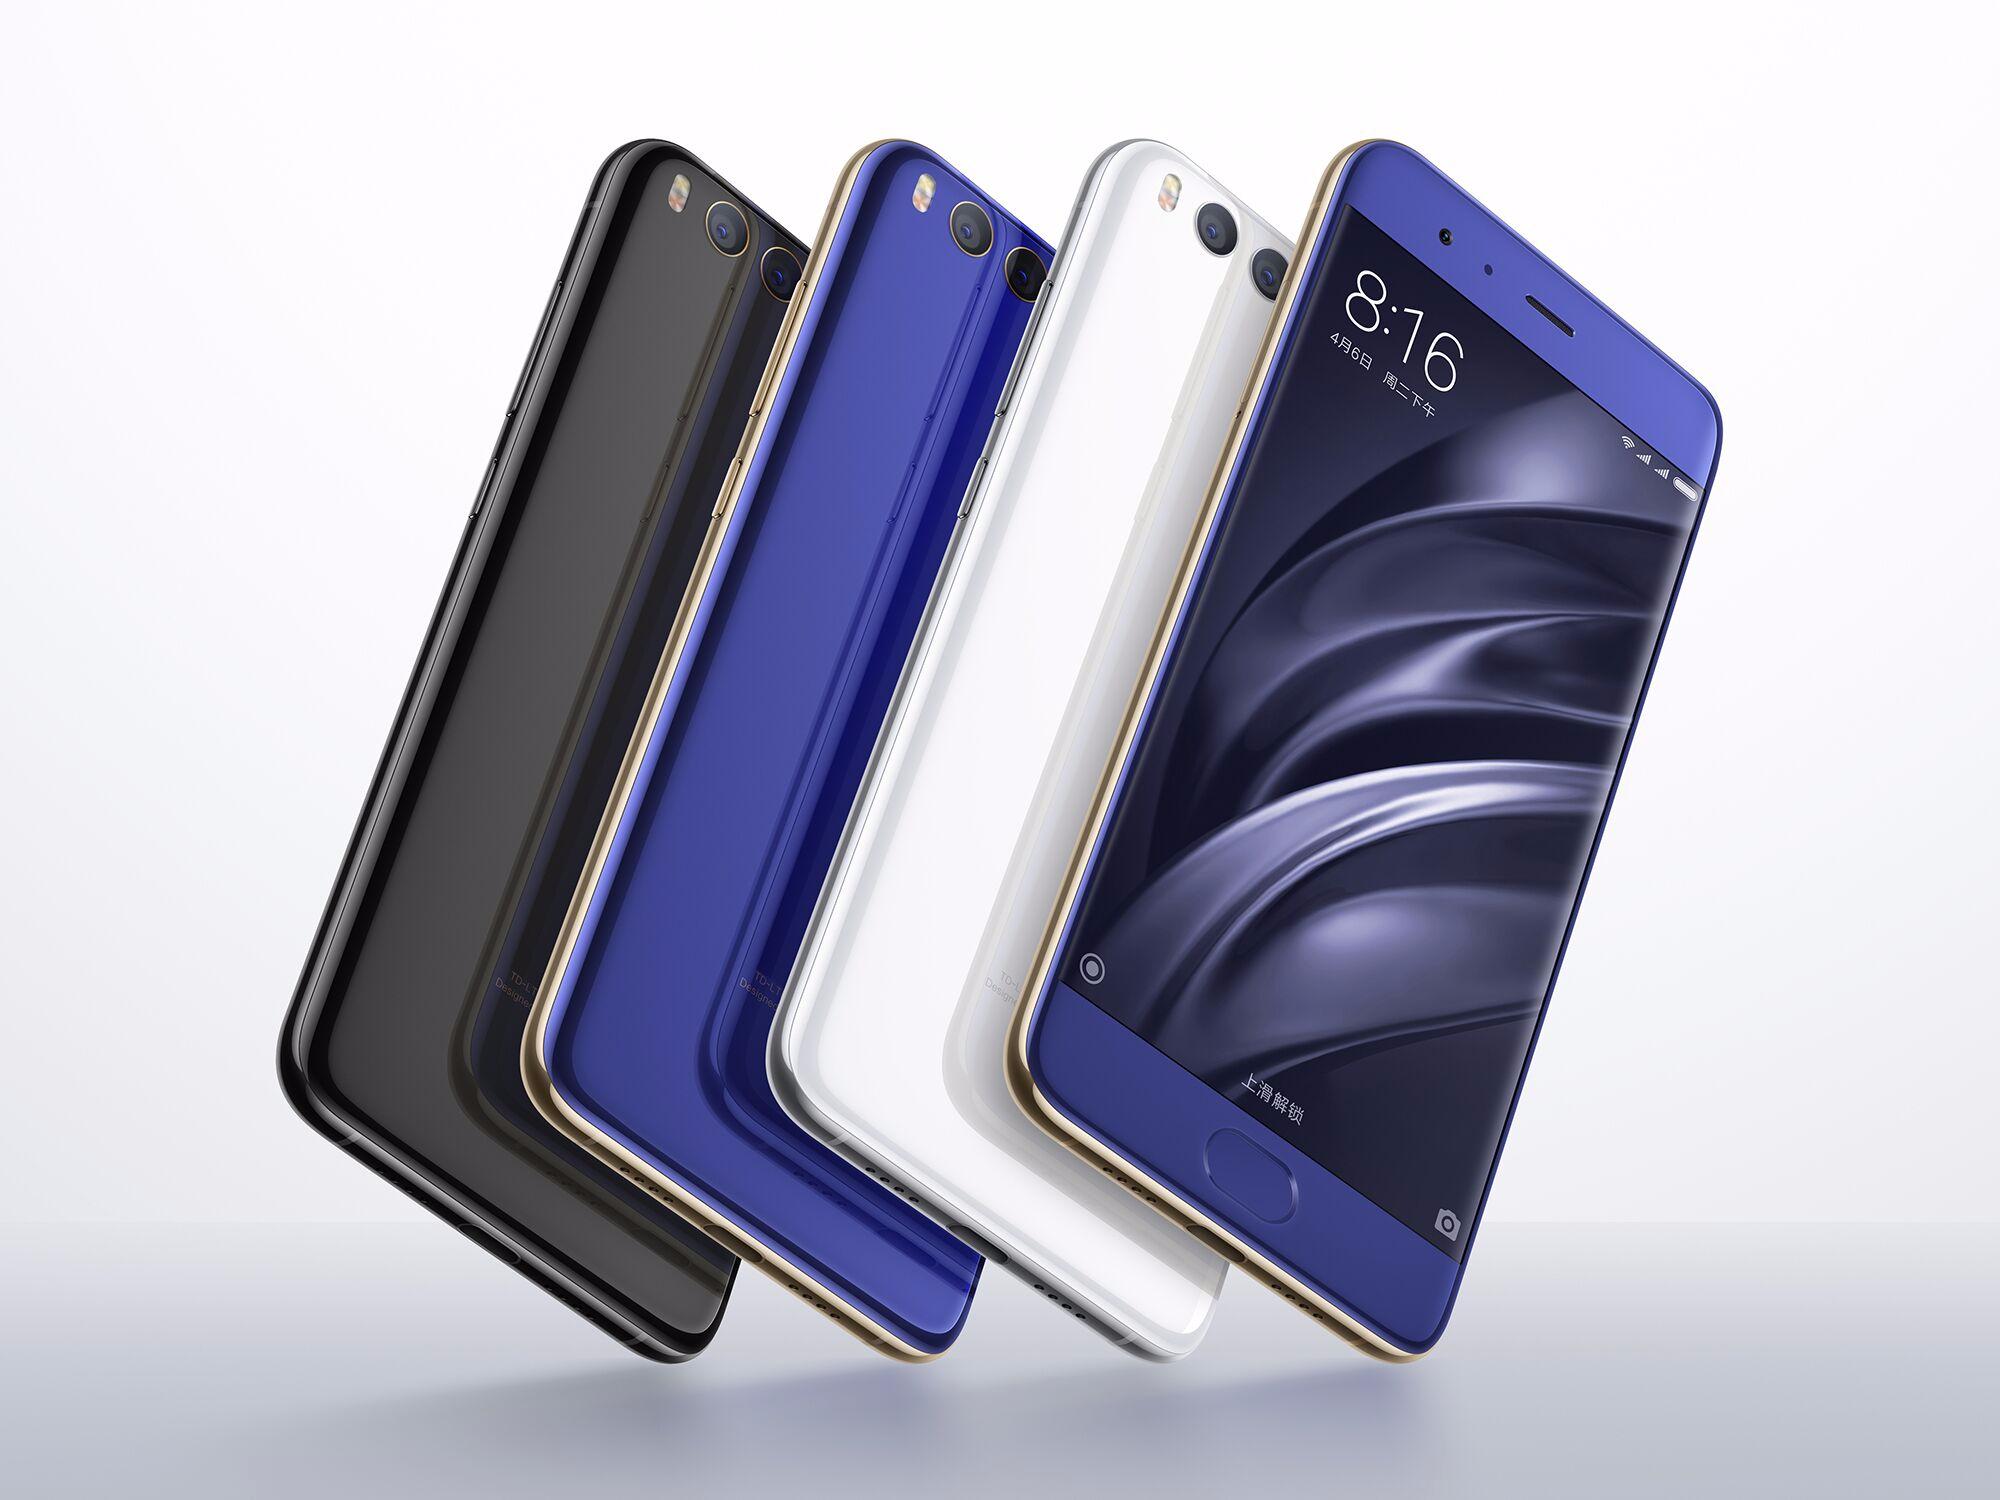 Xiaomi 6 kopen in verschillende kleuren